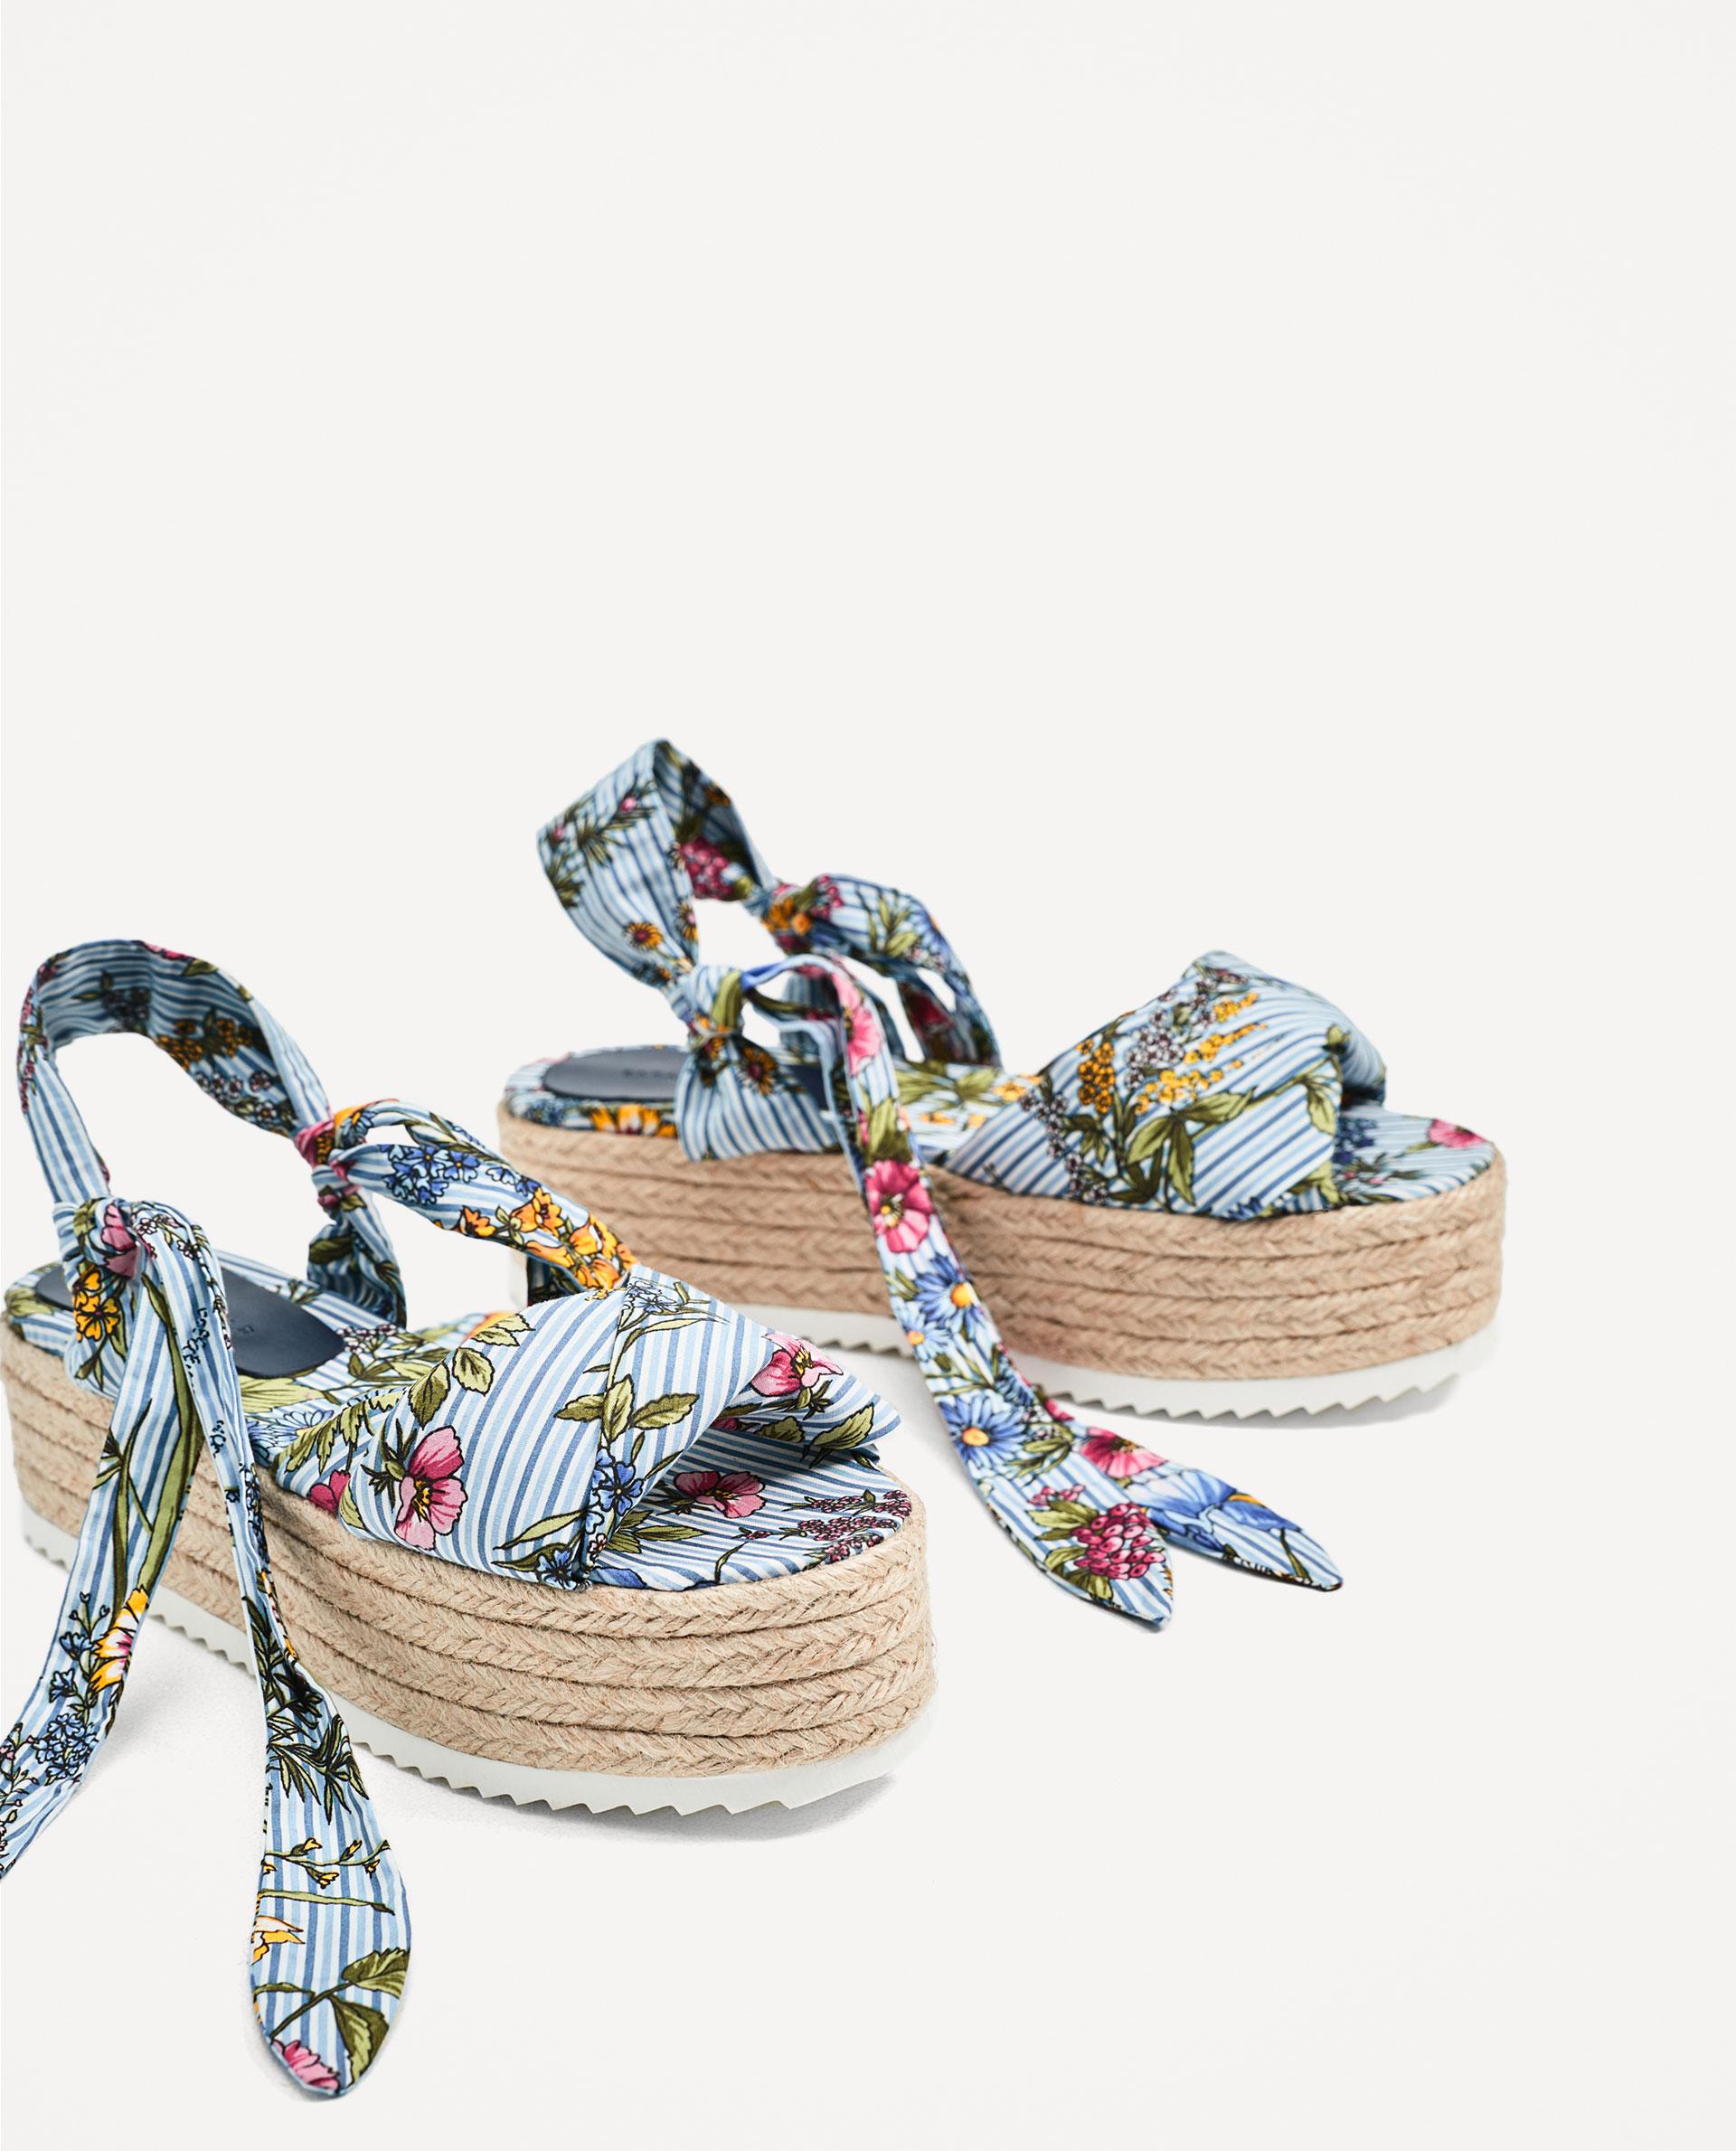 un paio di sandali con zeppa alta rafia e lacci con stampa floreale